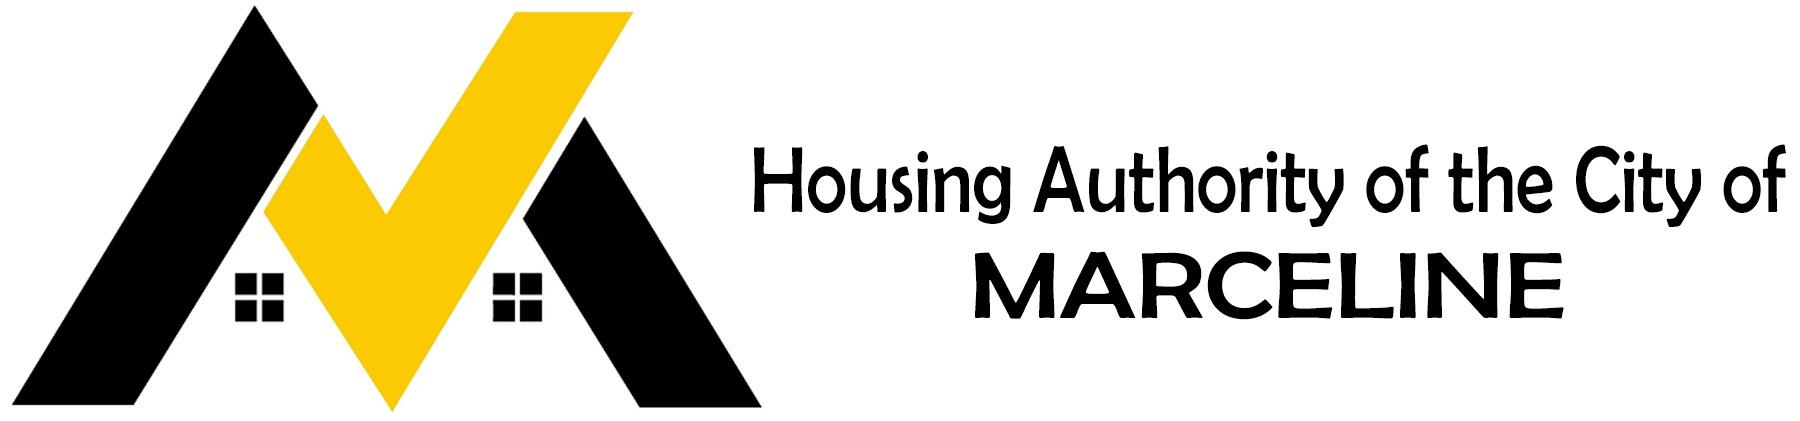 Marceline Housing